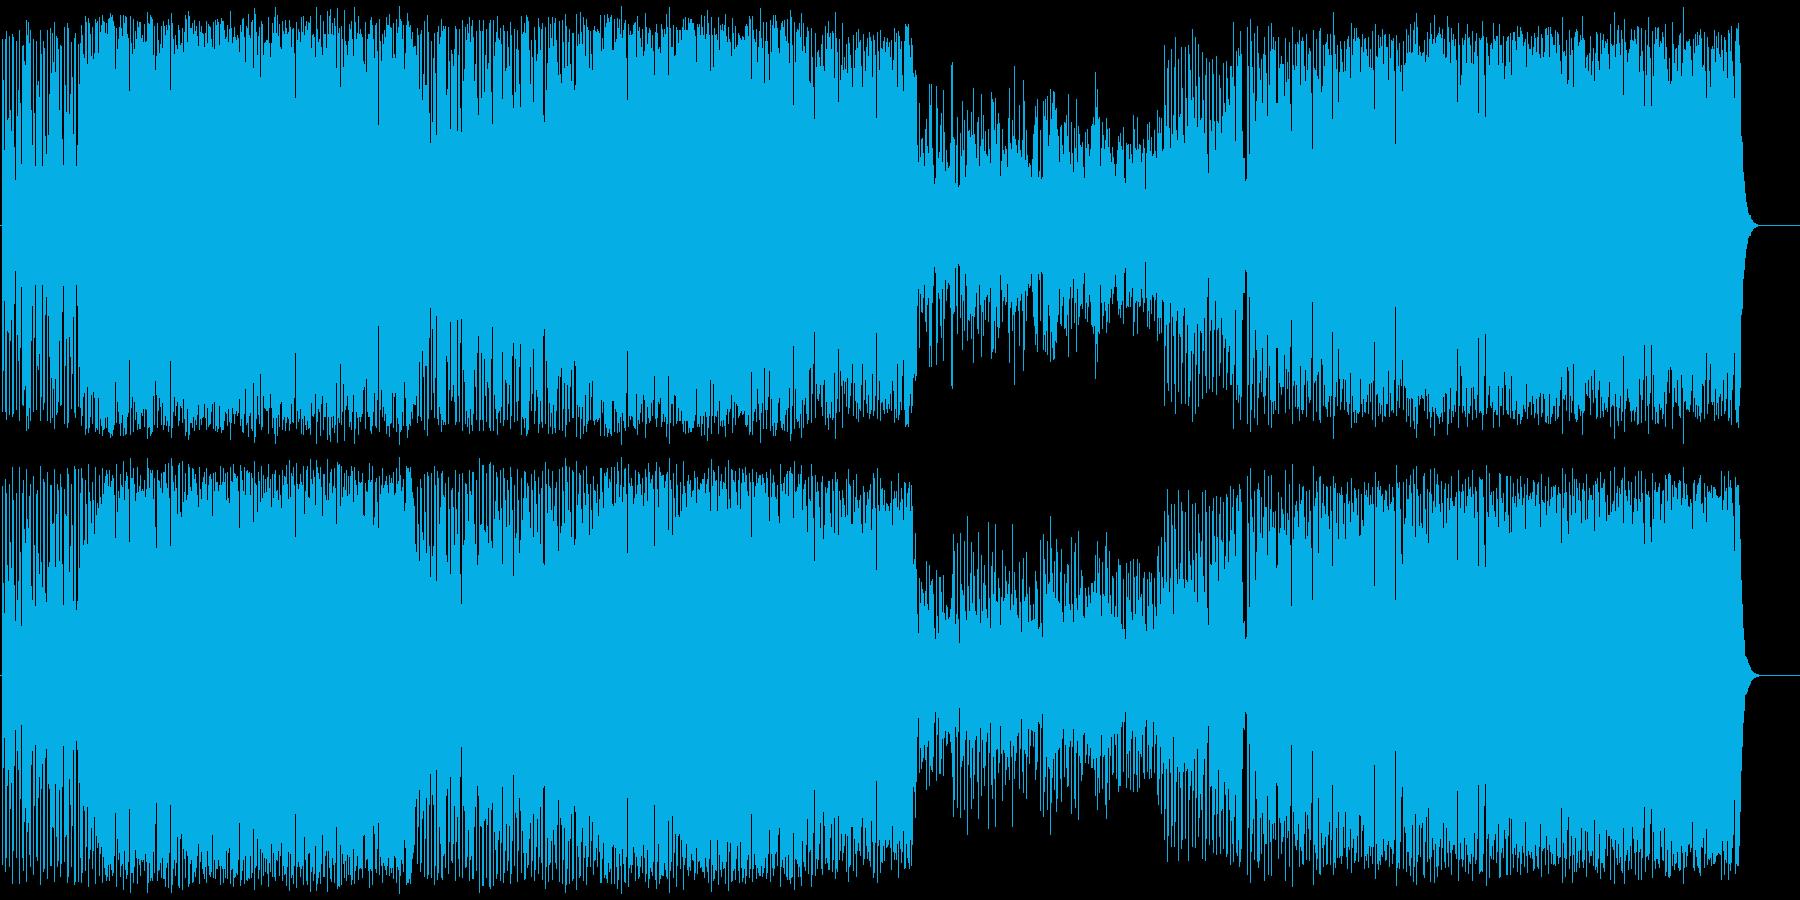 軽快で上品な雰囲気のオーケストラポップの再生済みの波形